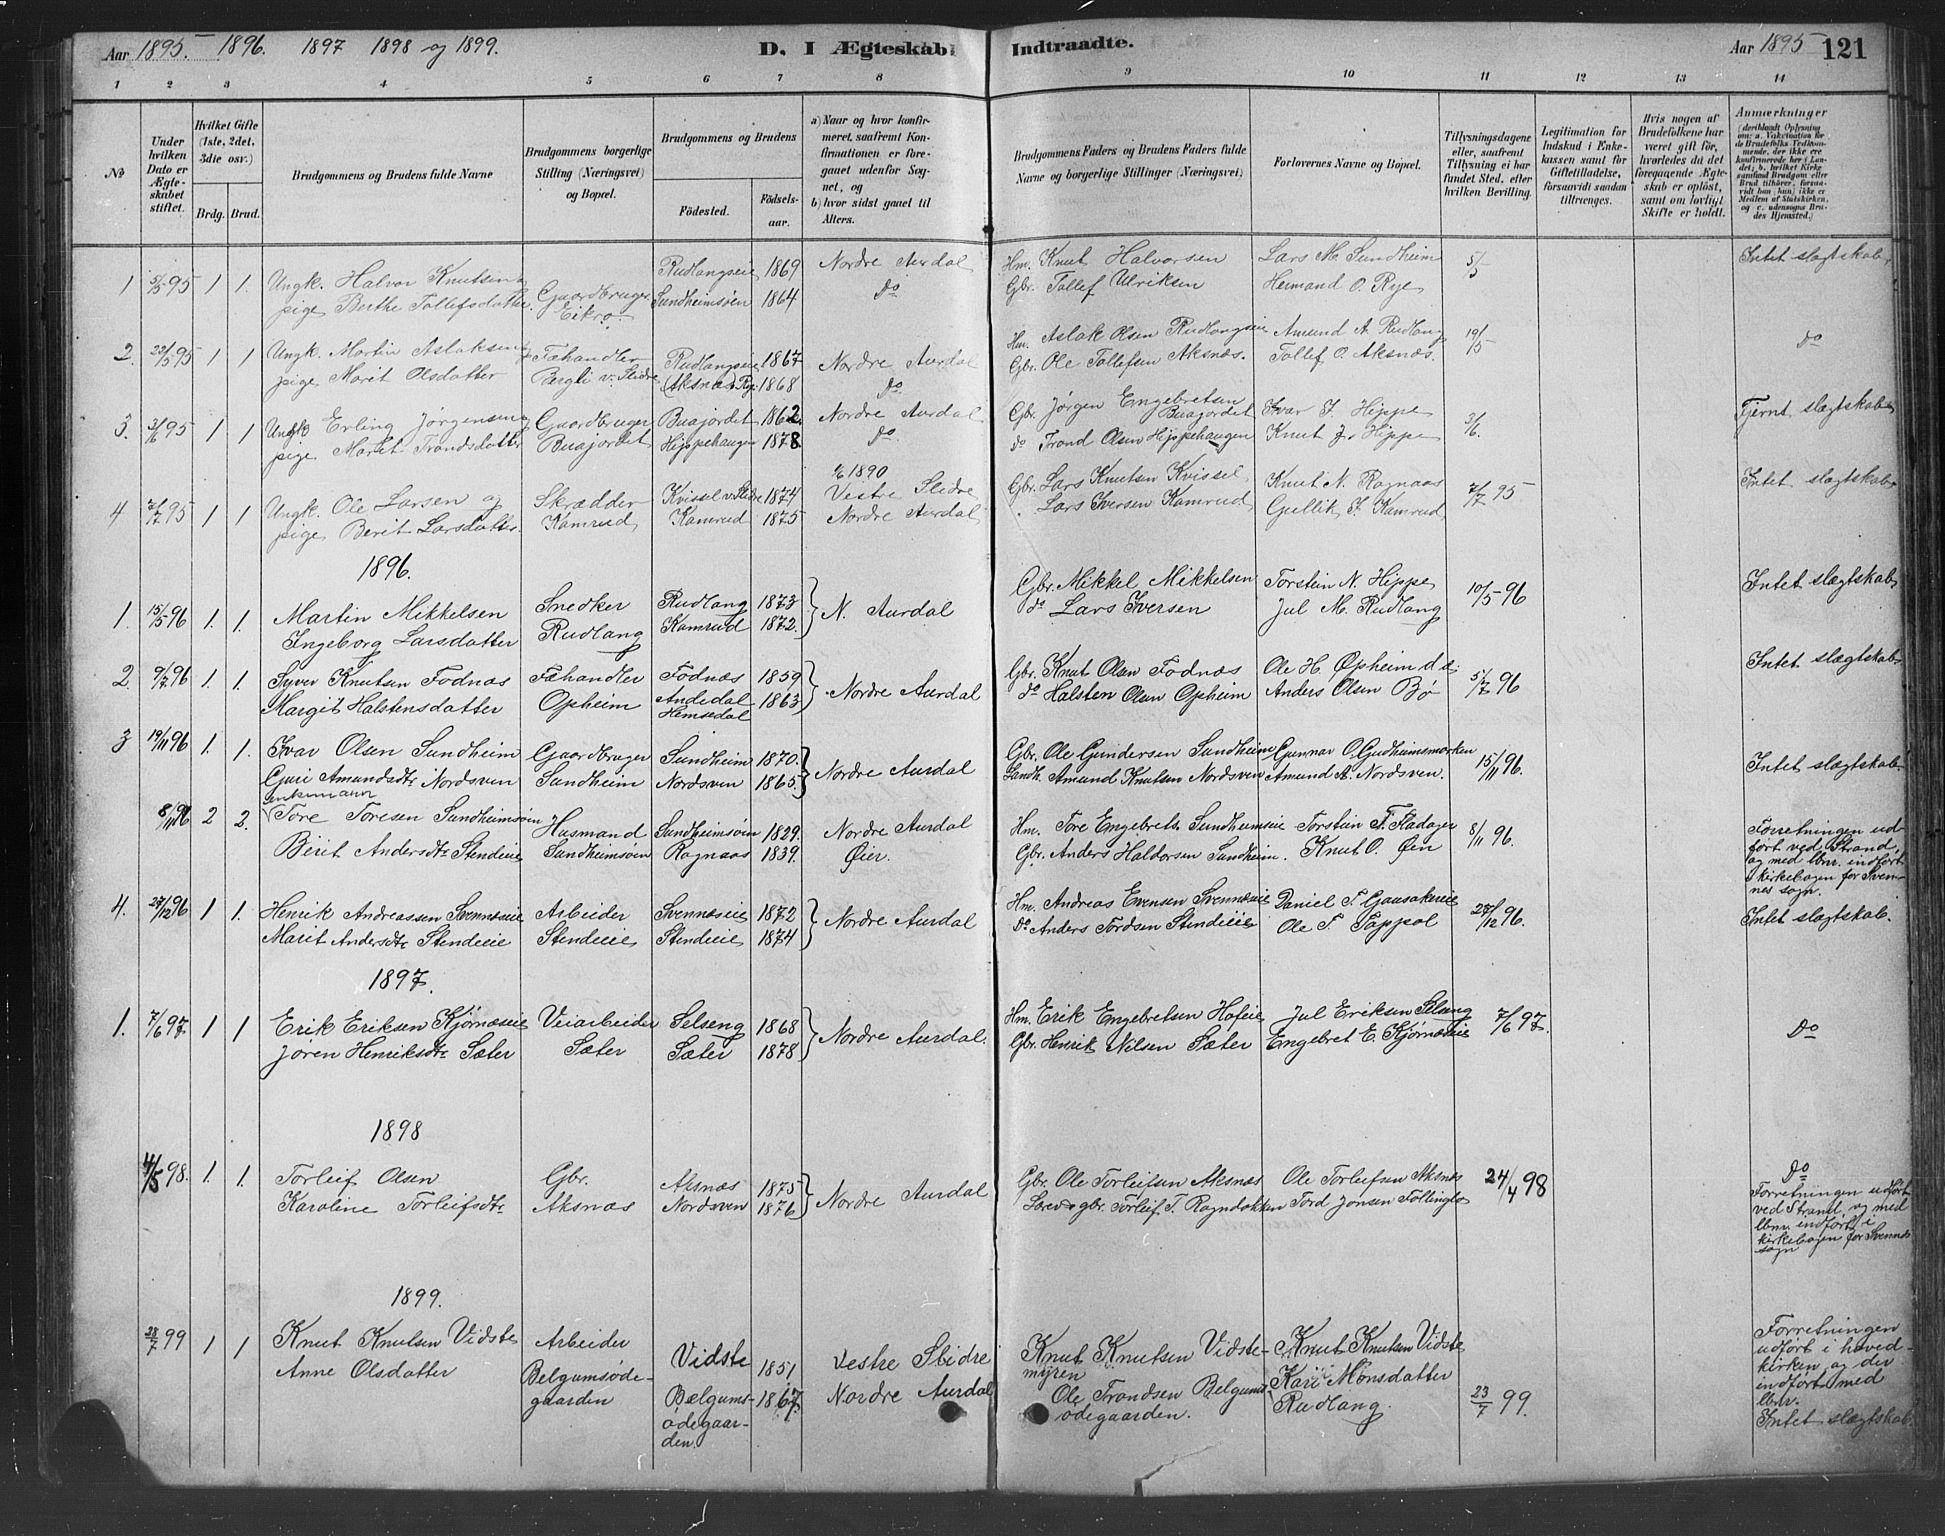 SAH, Nord-Aurdal prestekontor, Klokkerbok nr. 8, 1883-1916, s. 121